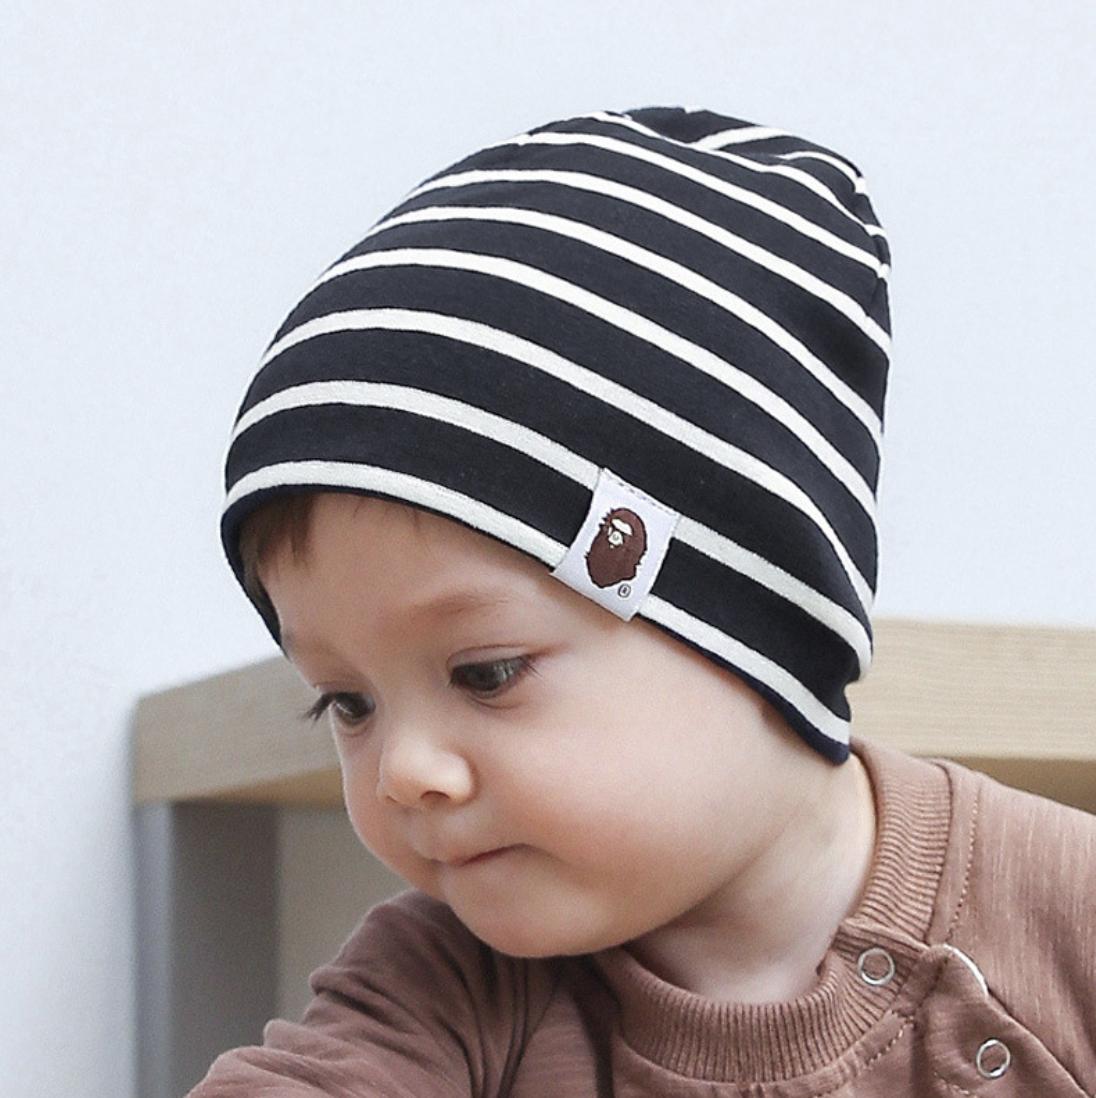 หมวกเด็กทารก หมวกเด็กวัยหัดเดิน หมวกกันหนาว หมวกเด็กทรงเกาหลี.